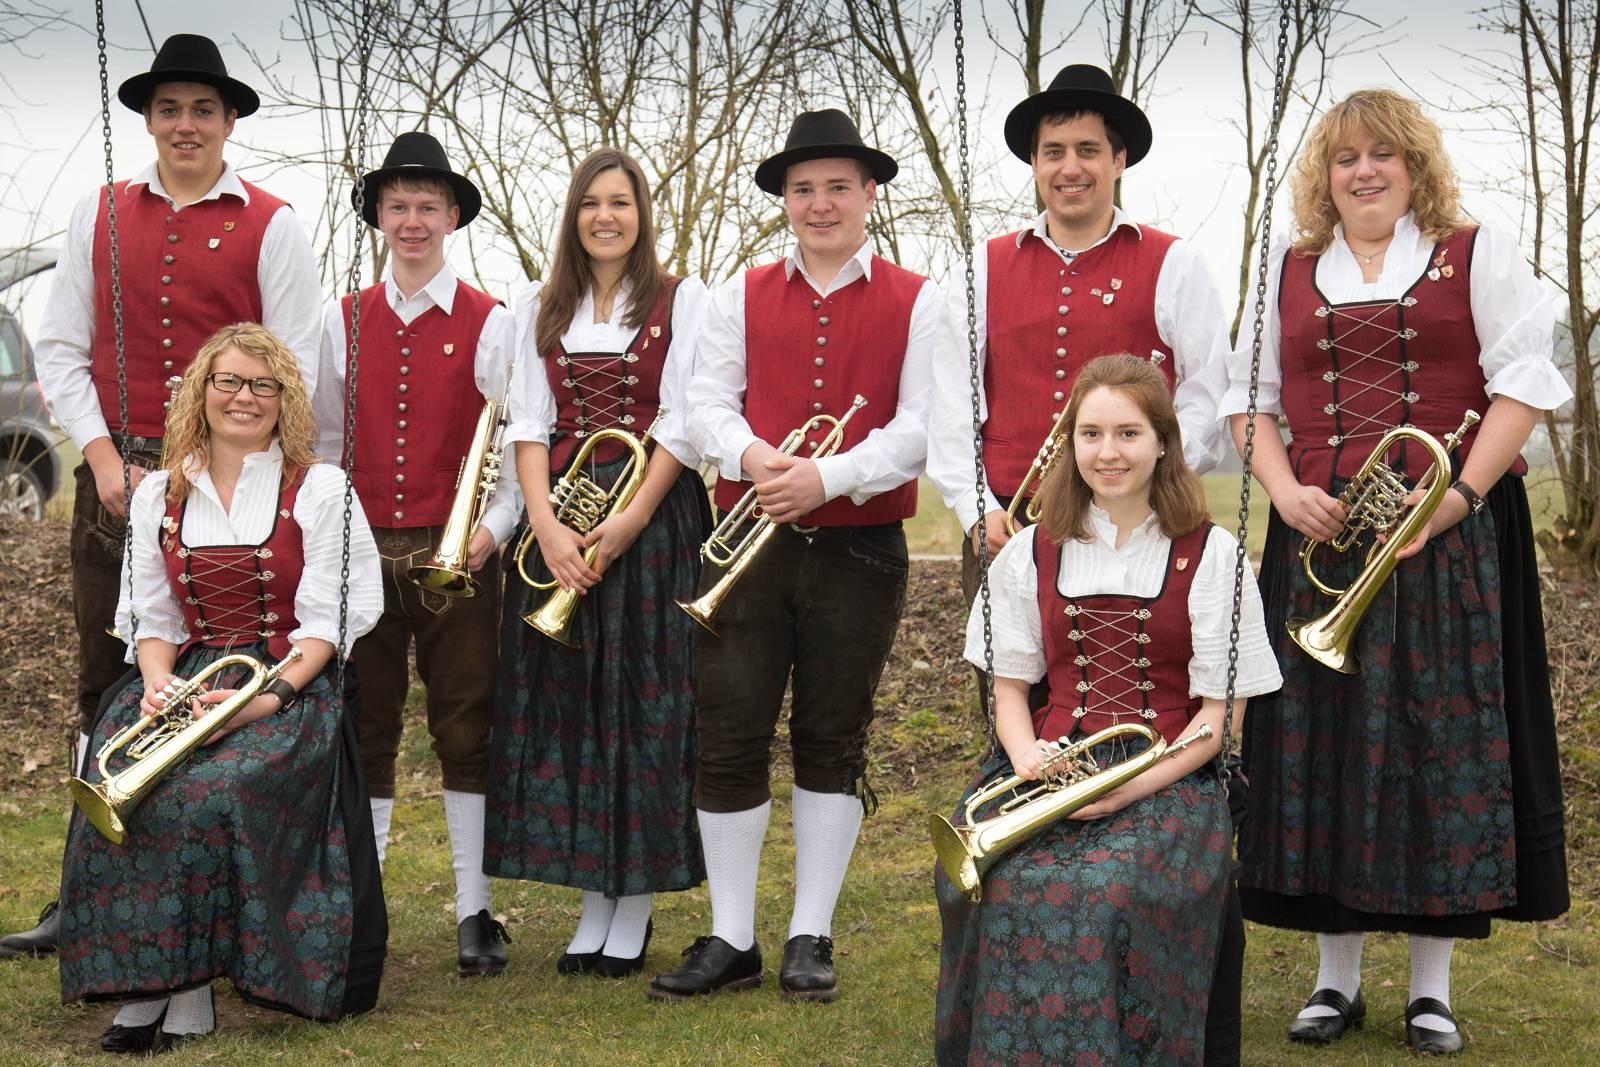 von links: Patrick Wörz, Kathrin Betz, Rainer Müller, Lena Muck, Cedric Schreiber, Daniel Schedel, Katja Maier, Petra Schuhwerk